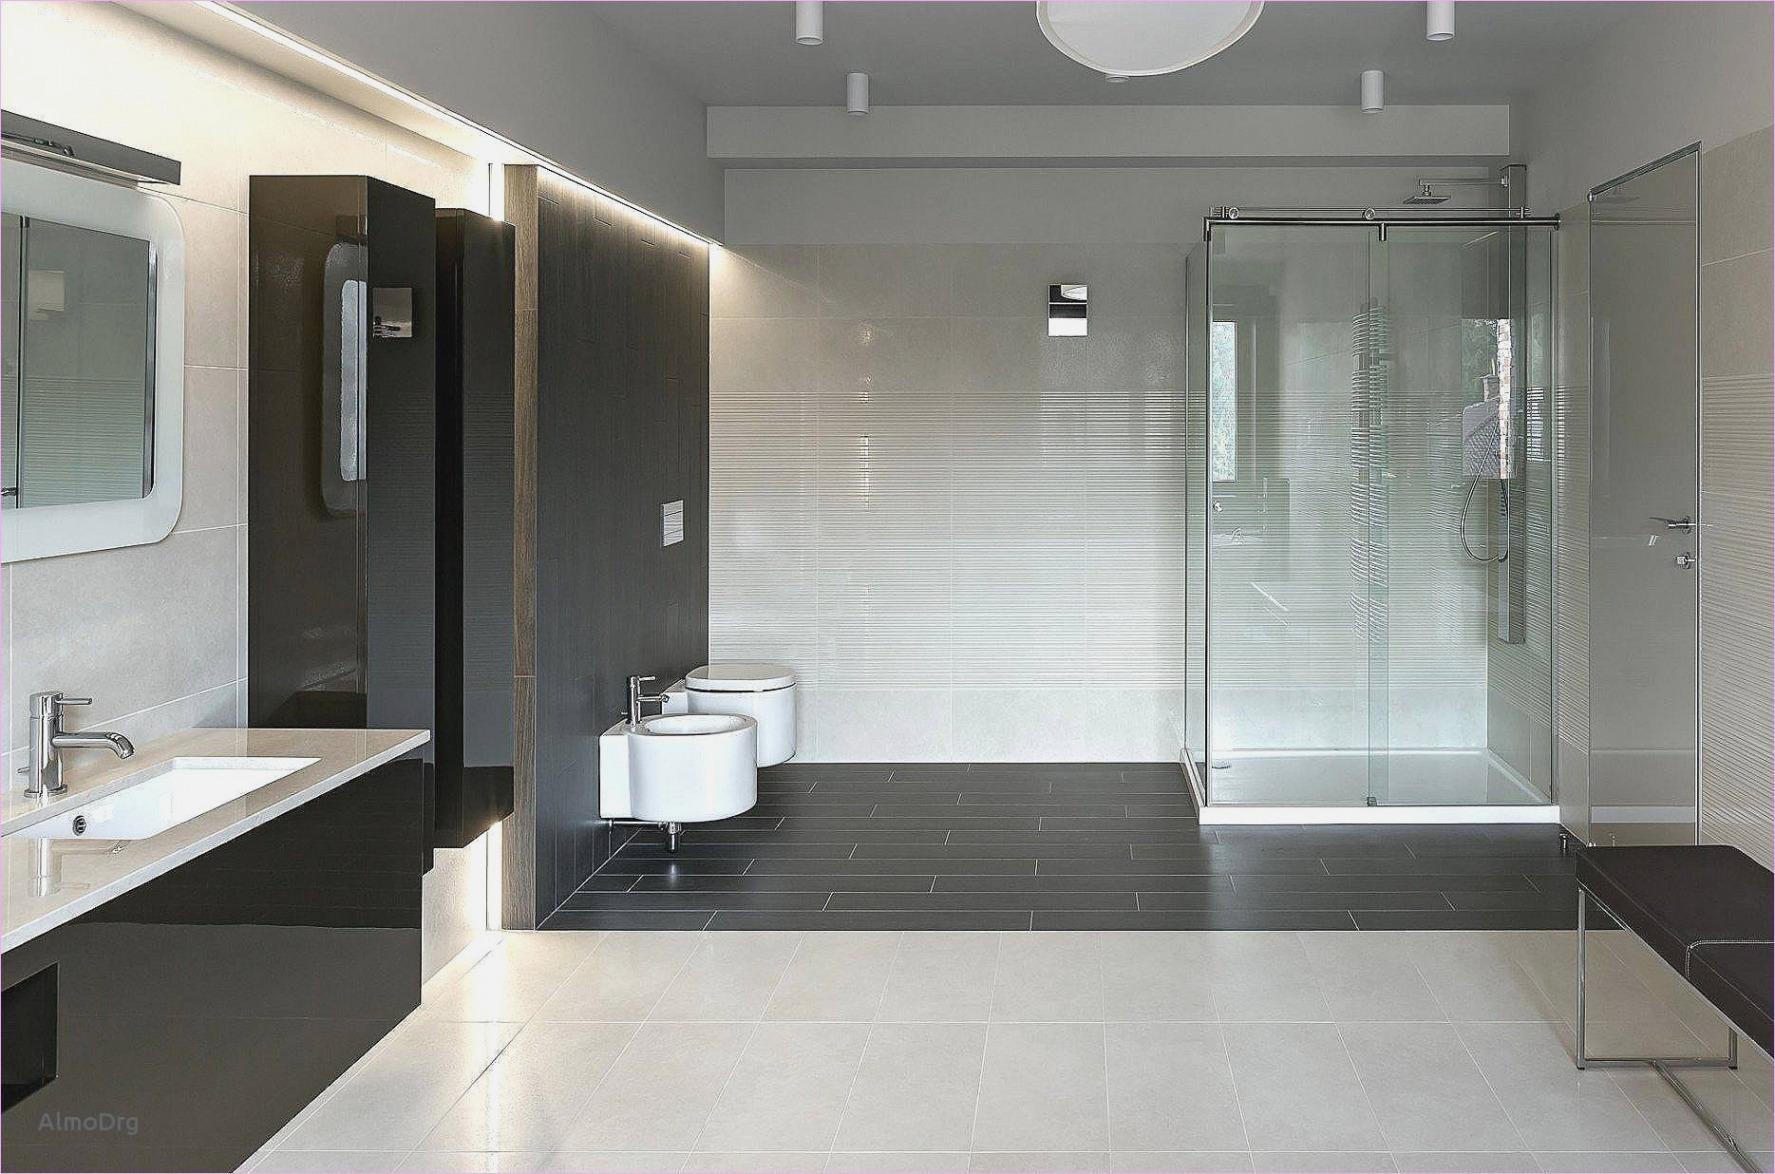 Full Size of Fliesenspiegel Verkleiden Altes Badezimmer Küche Glas Selber Machen Wohnzimmer Fliesenspiegel Verkleiden